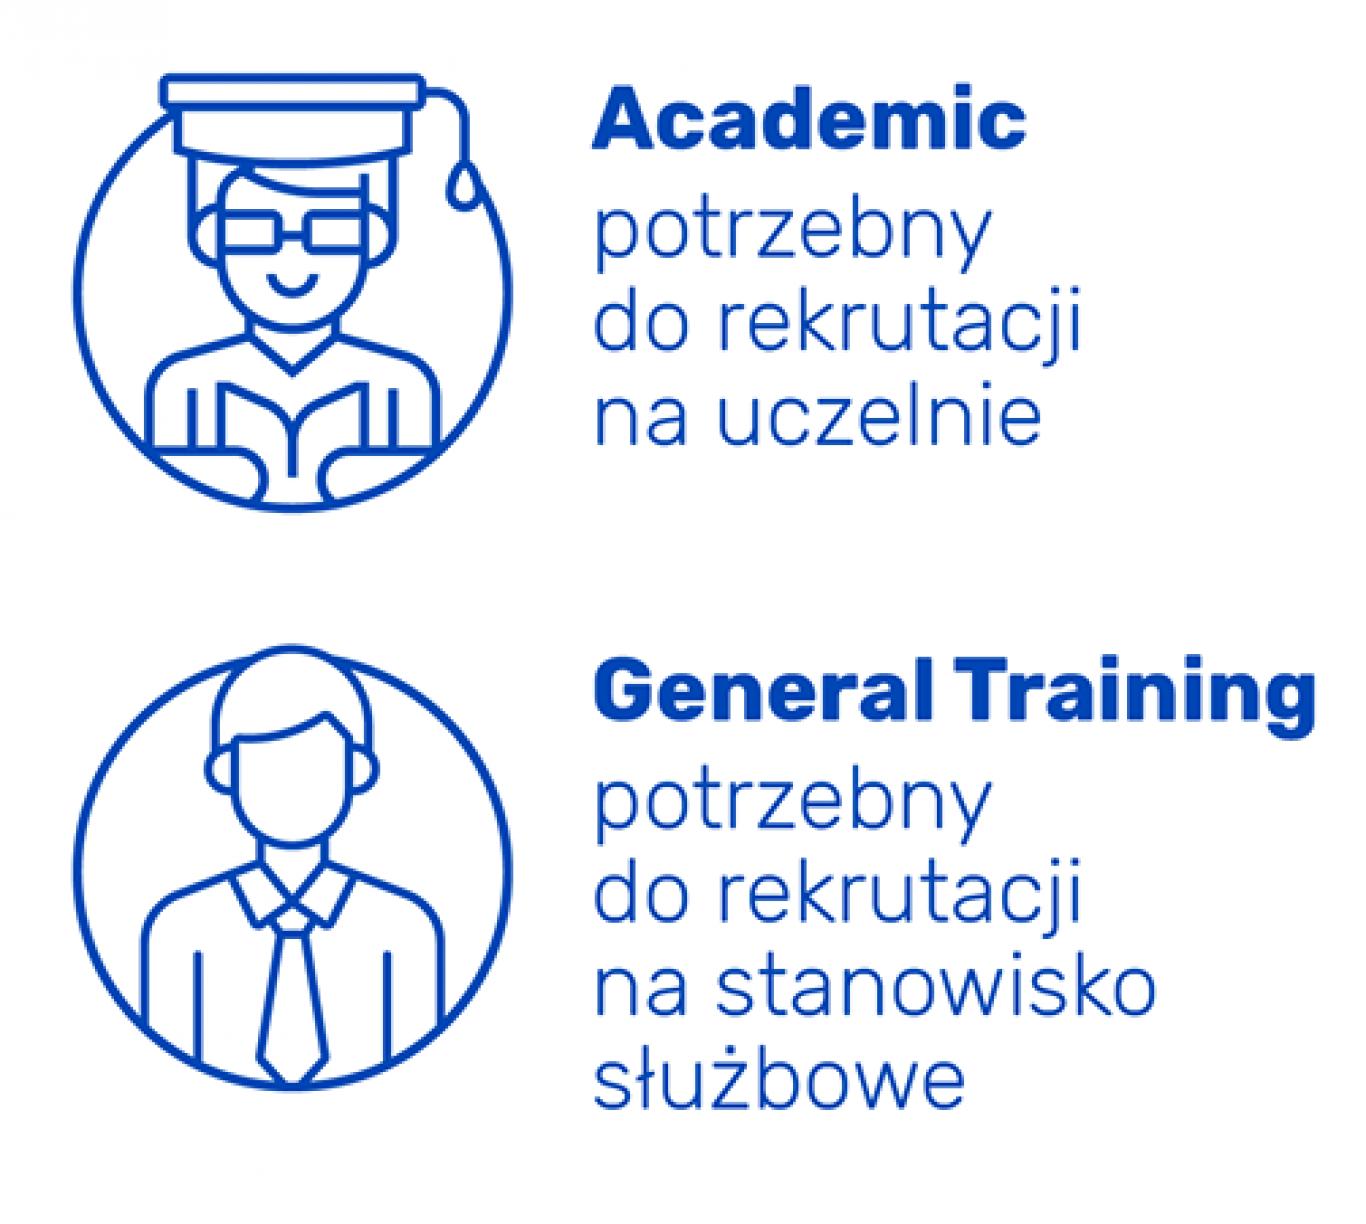 Egzamin występuje w dwóch odmianach - IELTS Academic i IELTS General Training